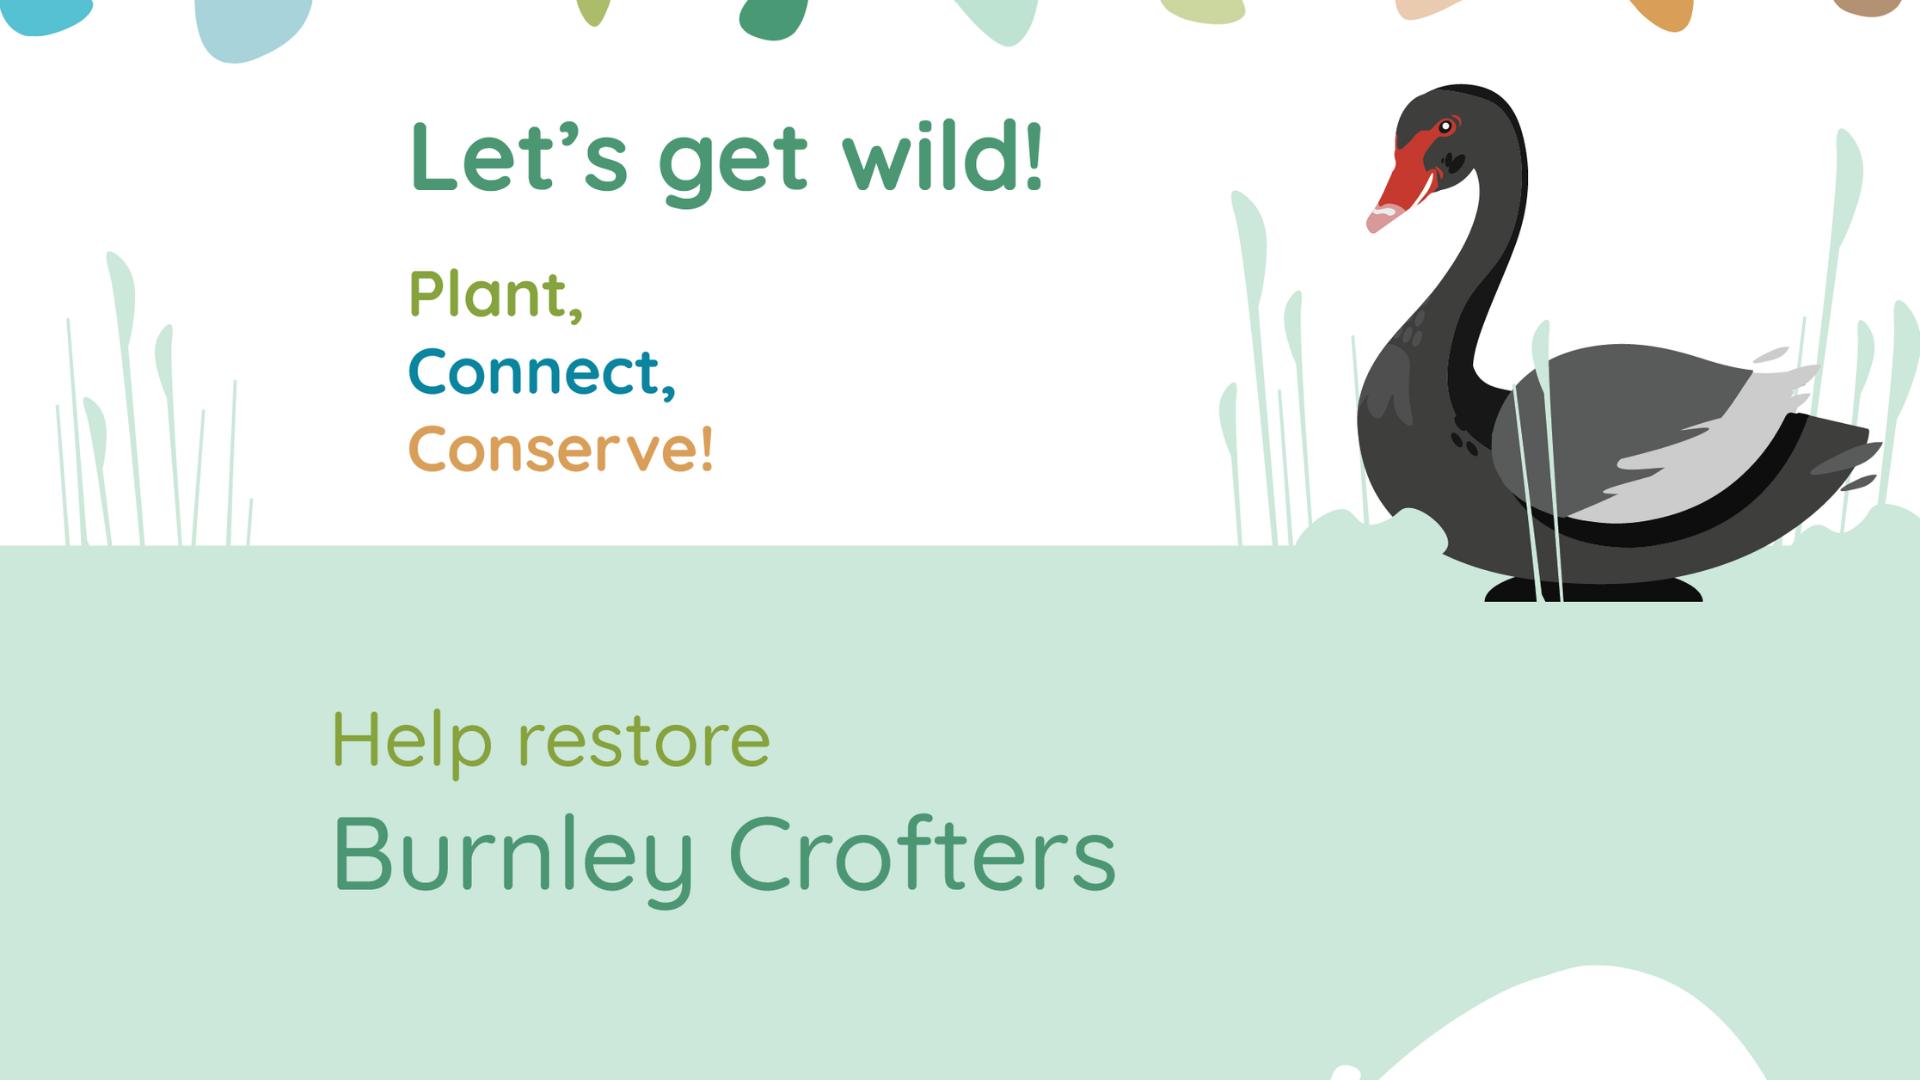 Let's get wild Burnley Crofters